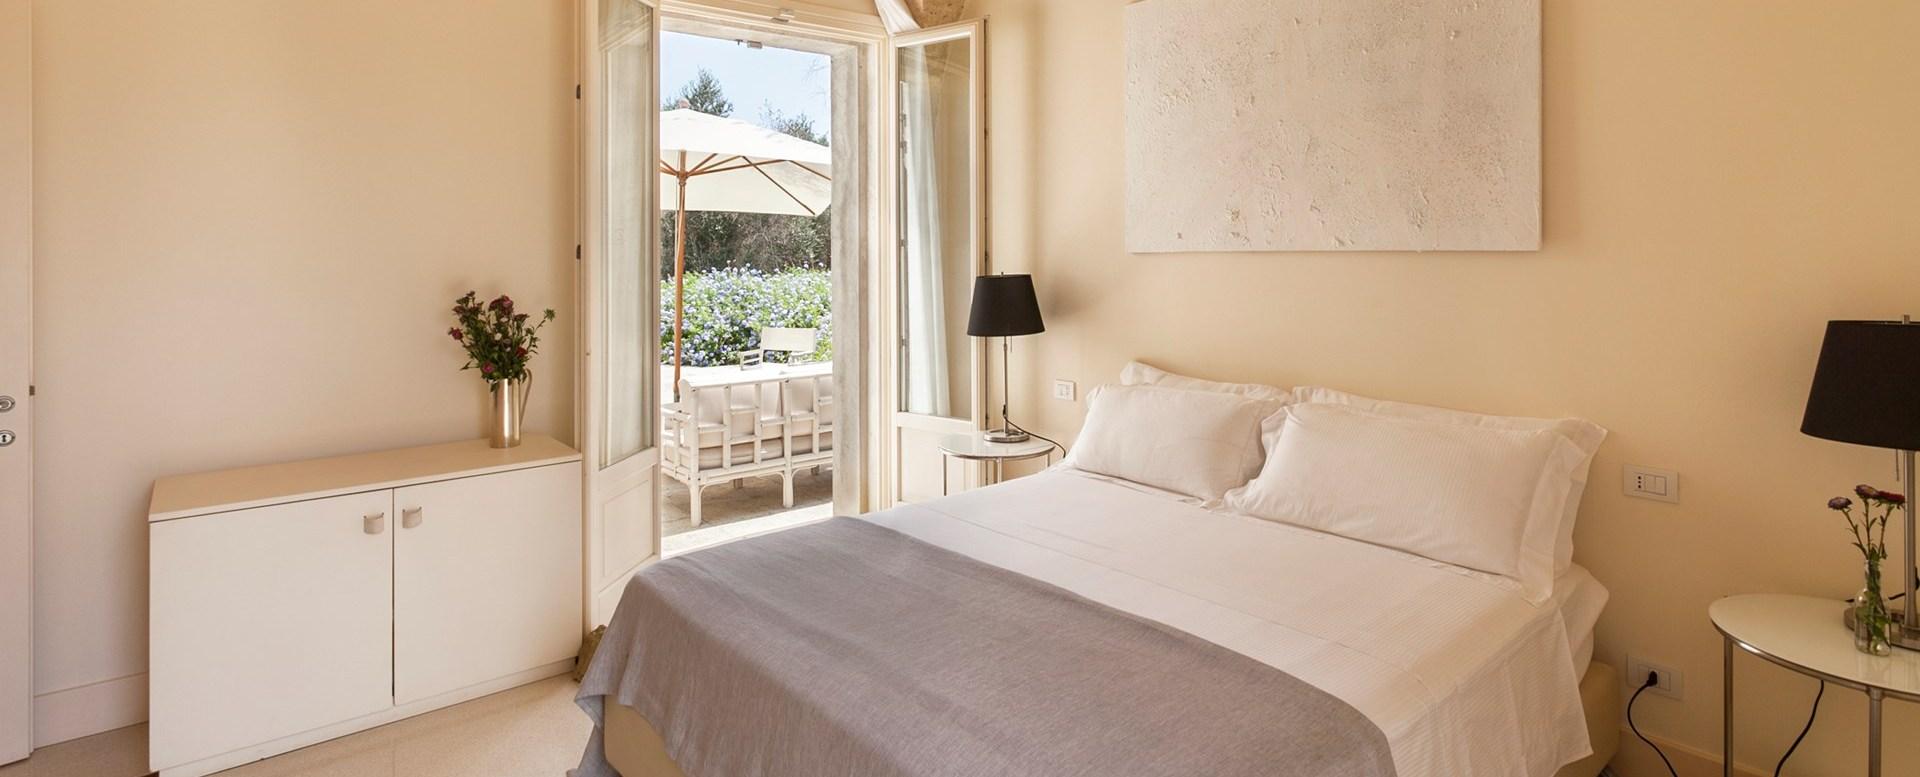 tre-ulivi-double-bedroom-2